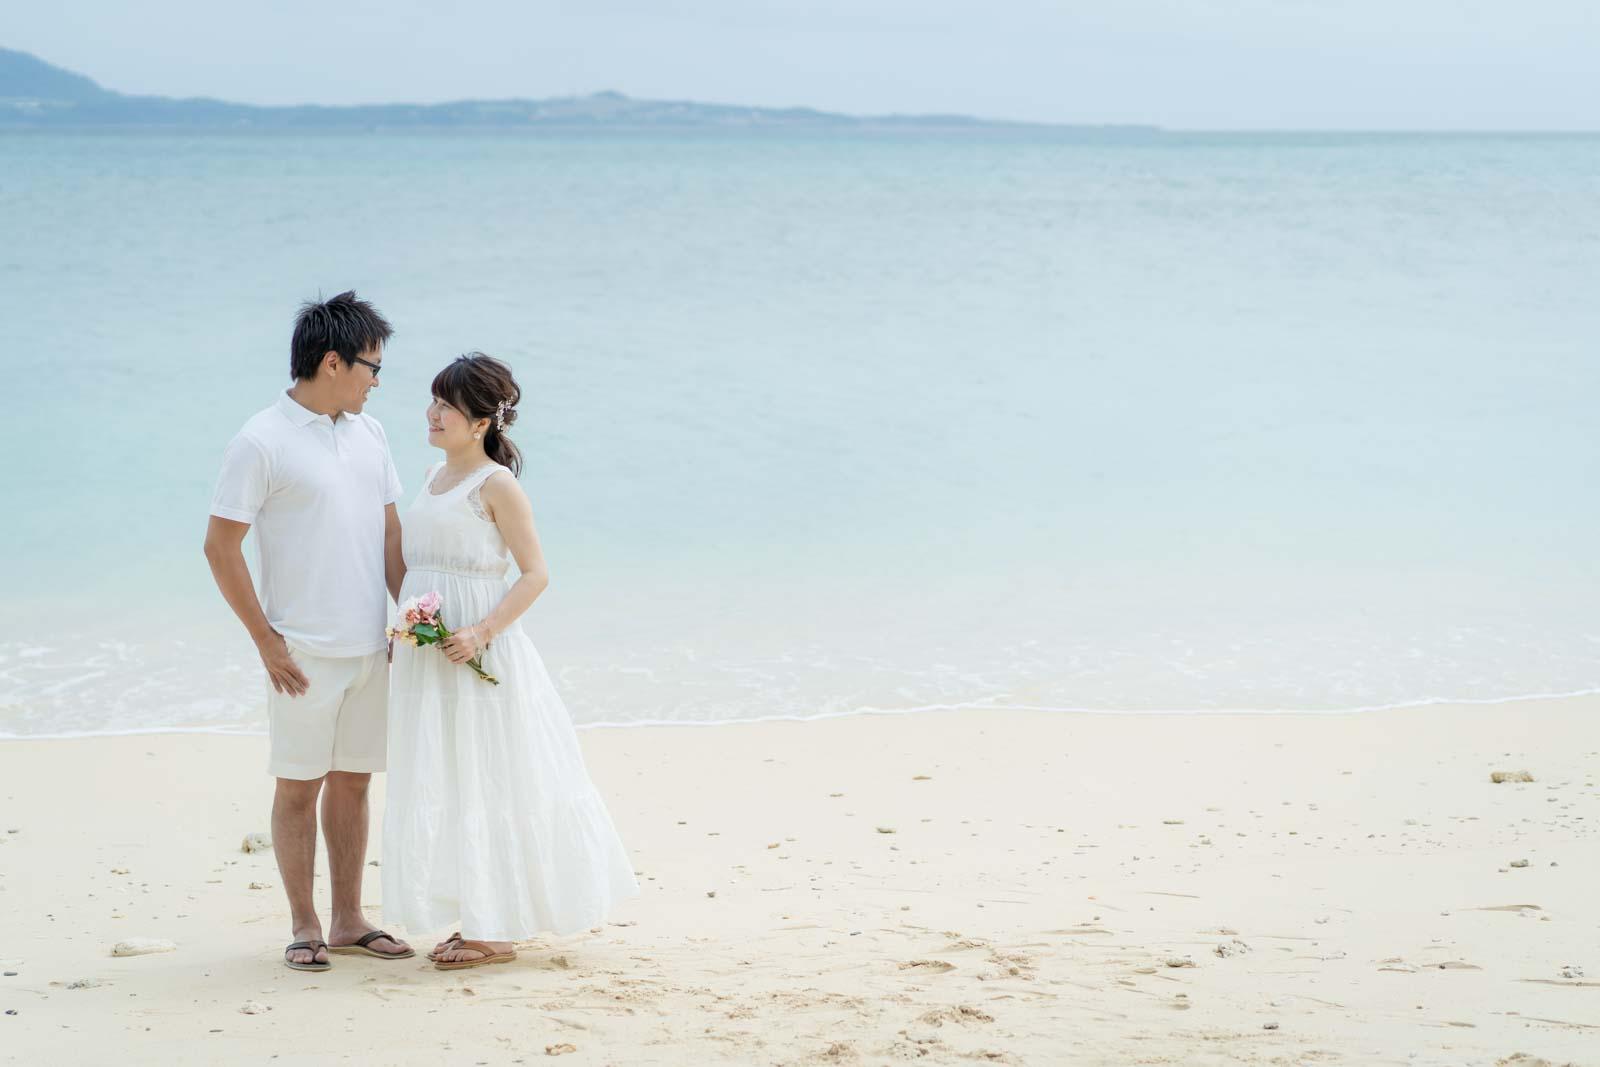 石垣島のビーチで設営